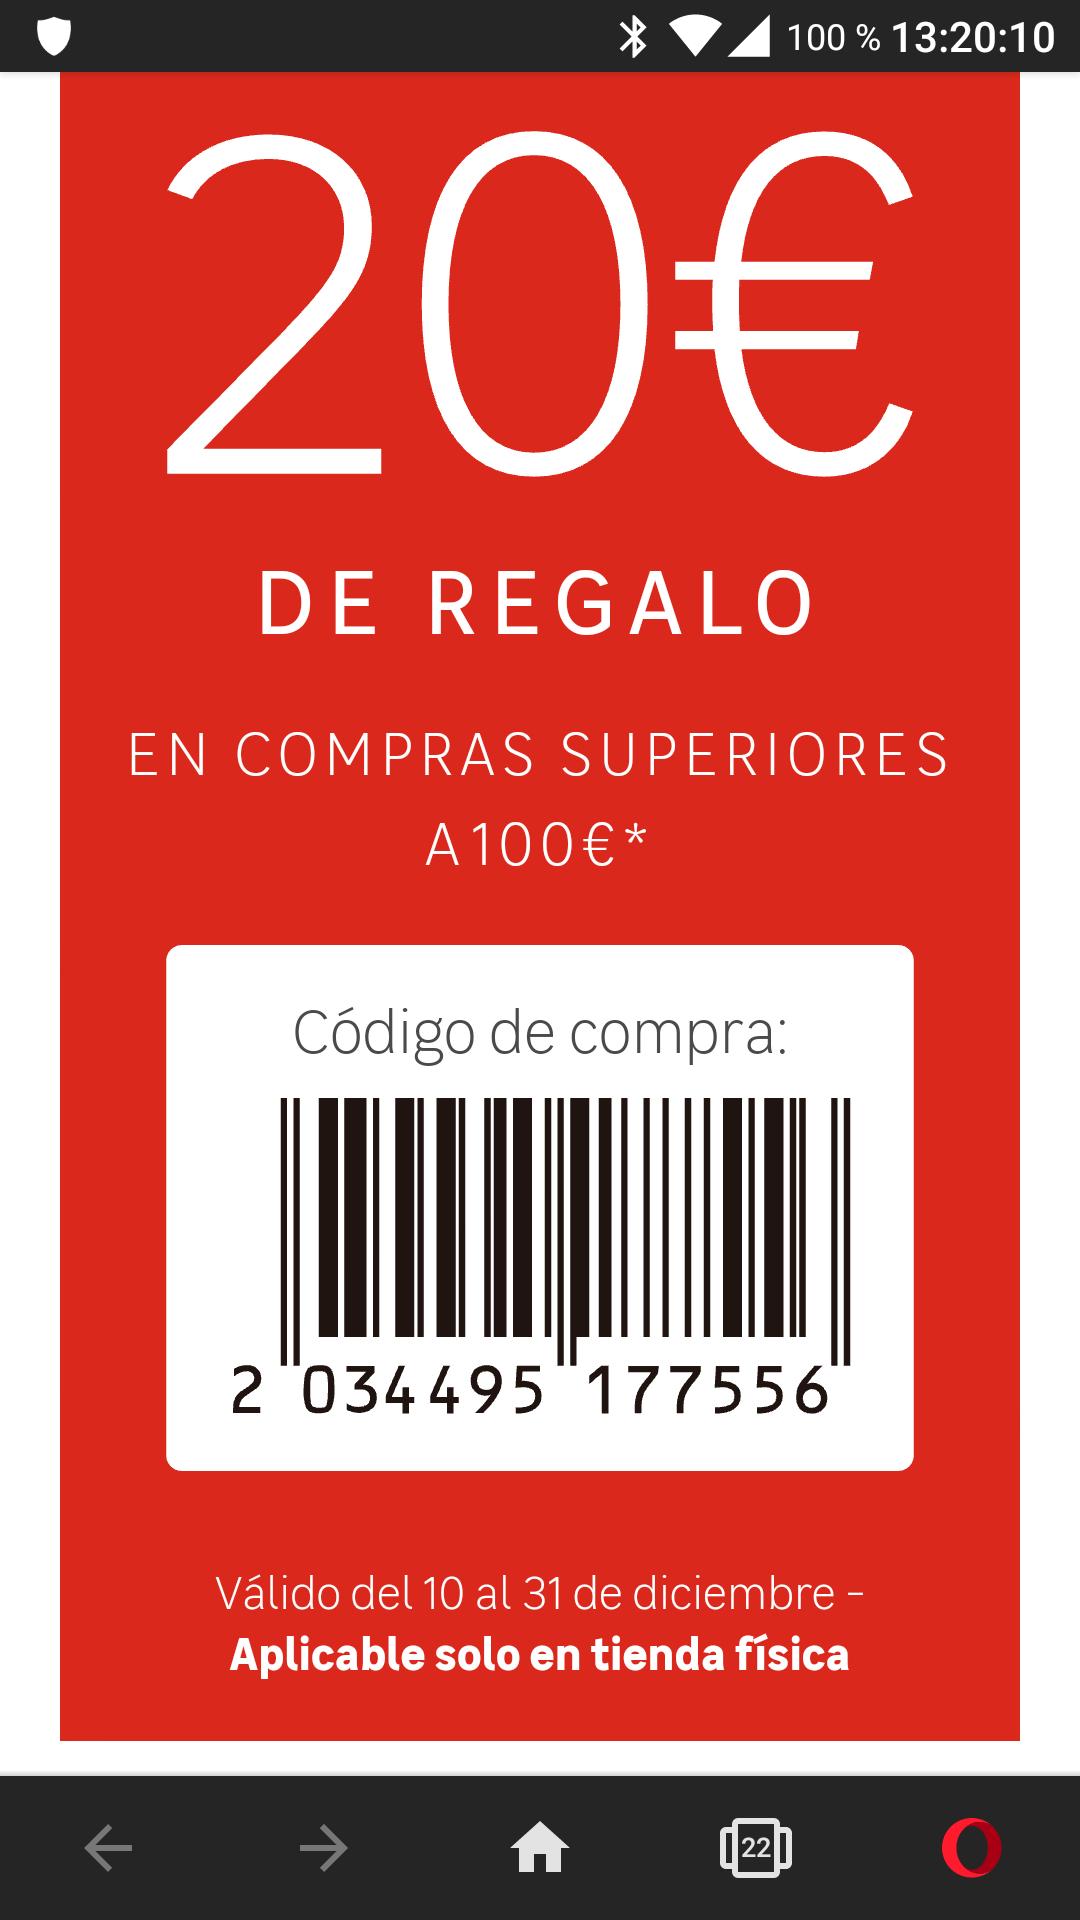 Leroy Merlín 20€ (o 15€ )de descuento en comprás superiores a 100€